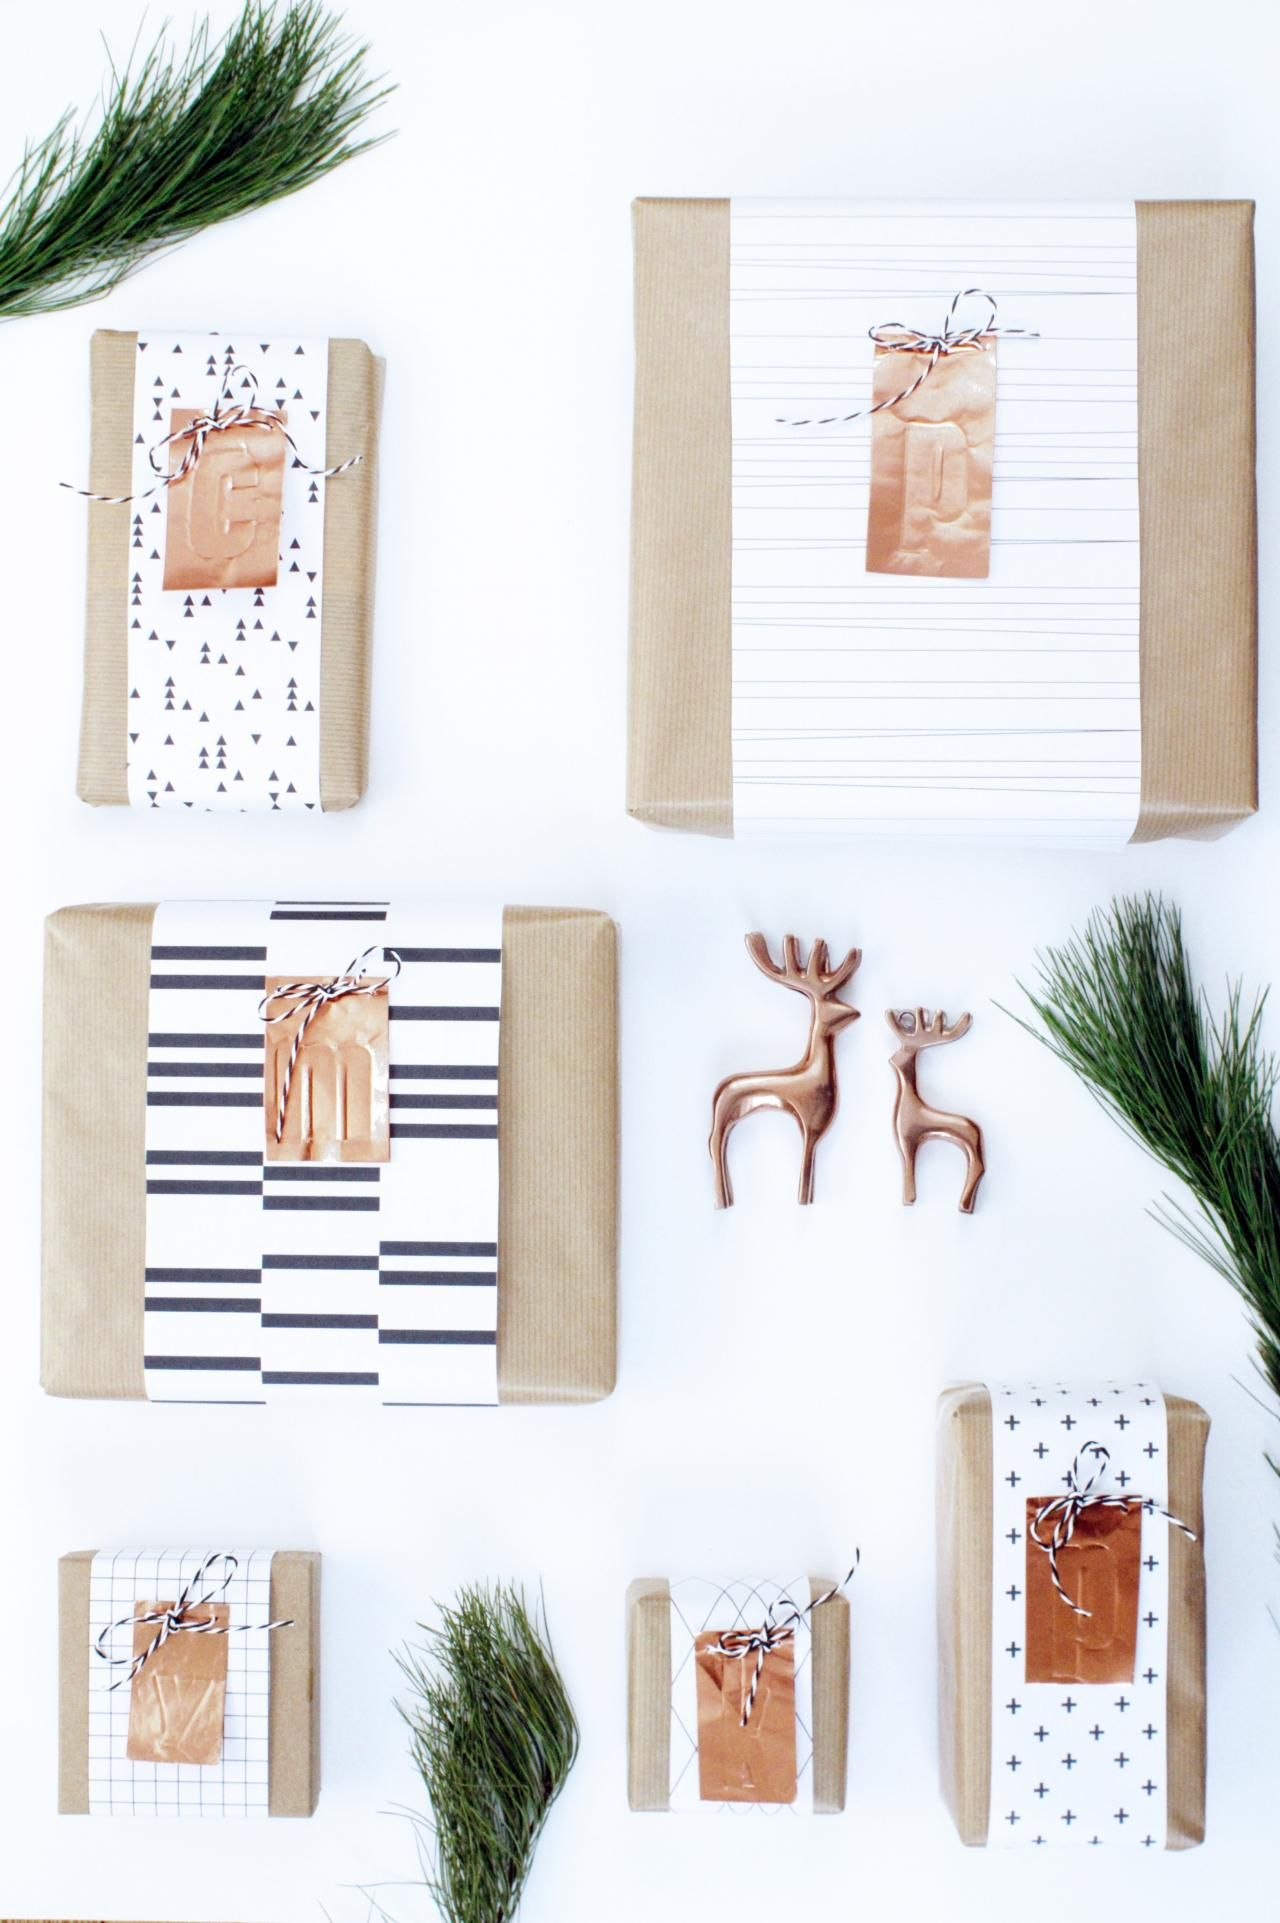 Geschenk Einpack Ideen schöner schenken monochrome geschenkverpackung mit geschenke